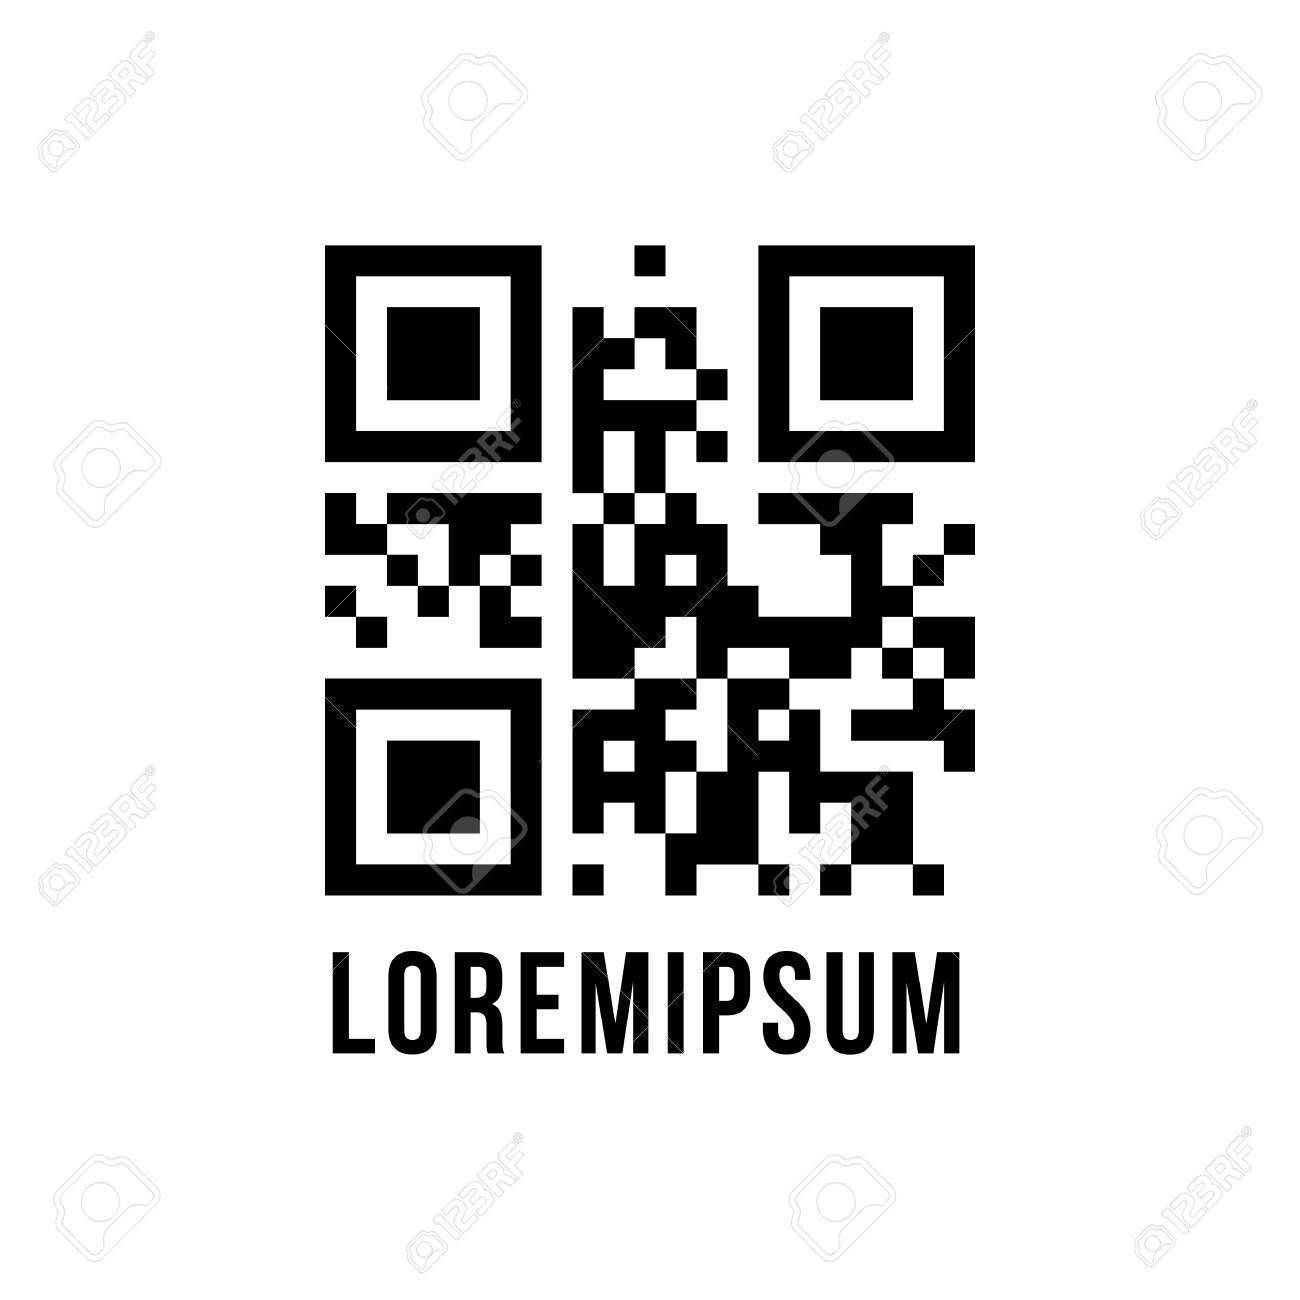 Code Qr Avec Le Texte Chiffré Lorem Ipsum Concept De Pixelart Labyrinthe Ou Labyrinthe Numérisation Vente Paiement Isolé Sur Fond Blanc